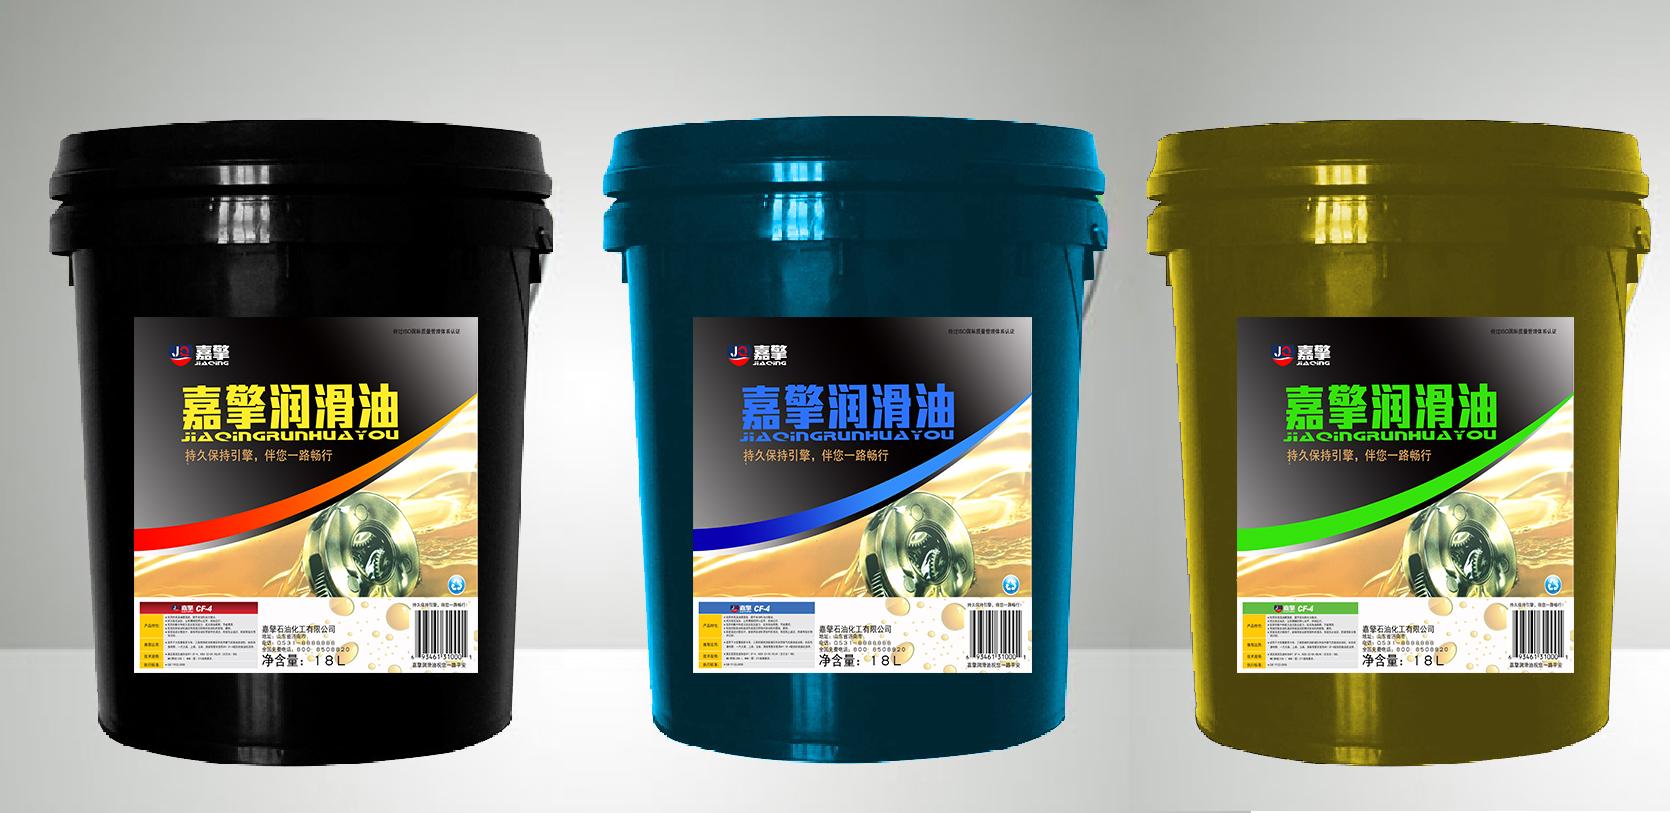 18l润滑油桶外包装设计